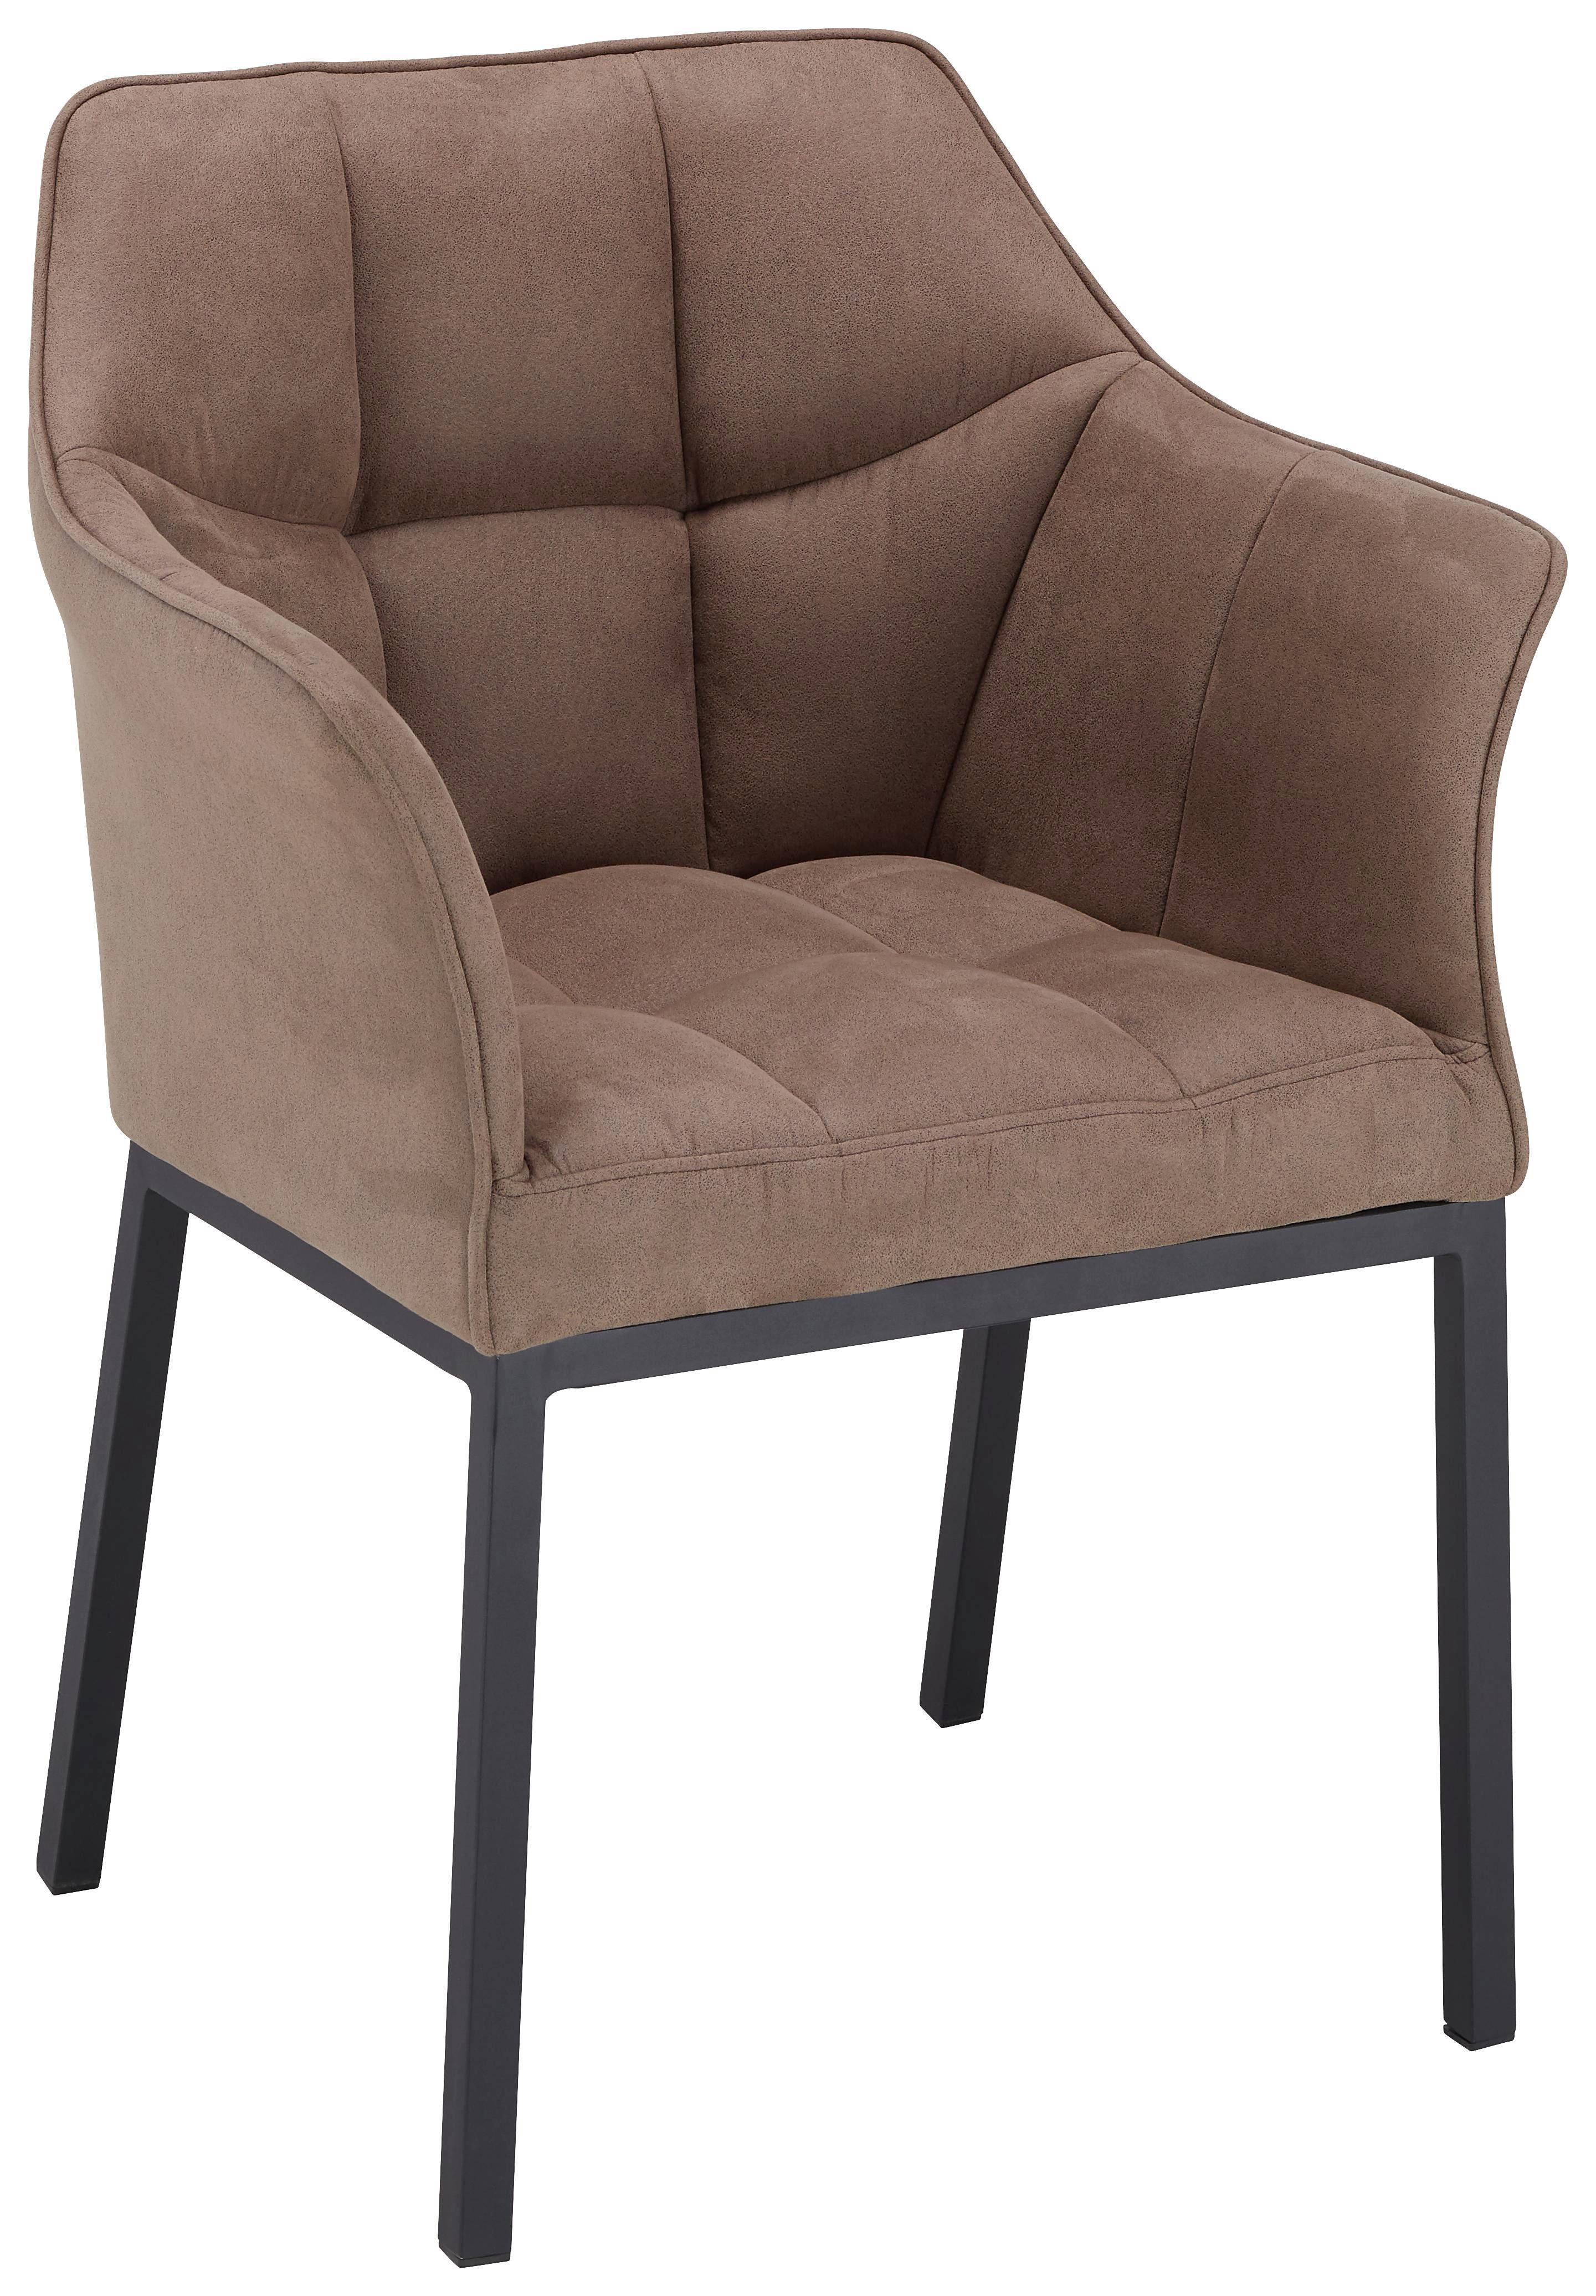 Hellbrauner stuhl interesting ounona stcke stuhlsocken for Design stuhl replik